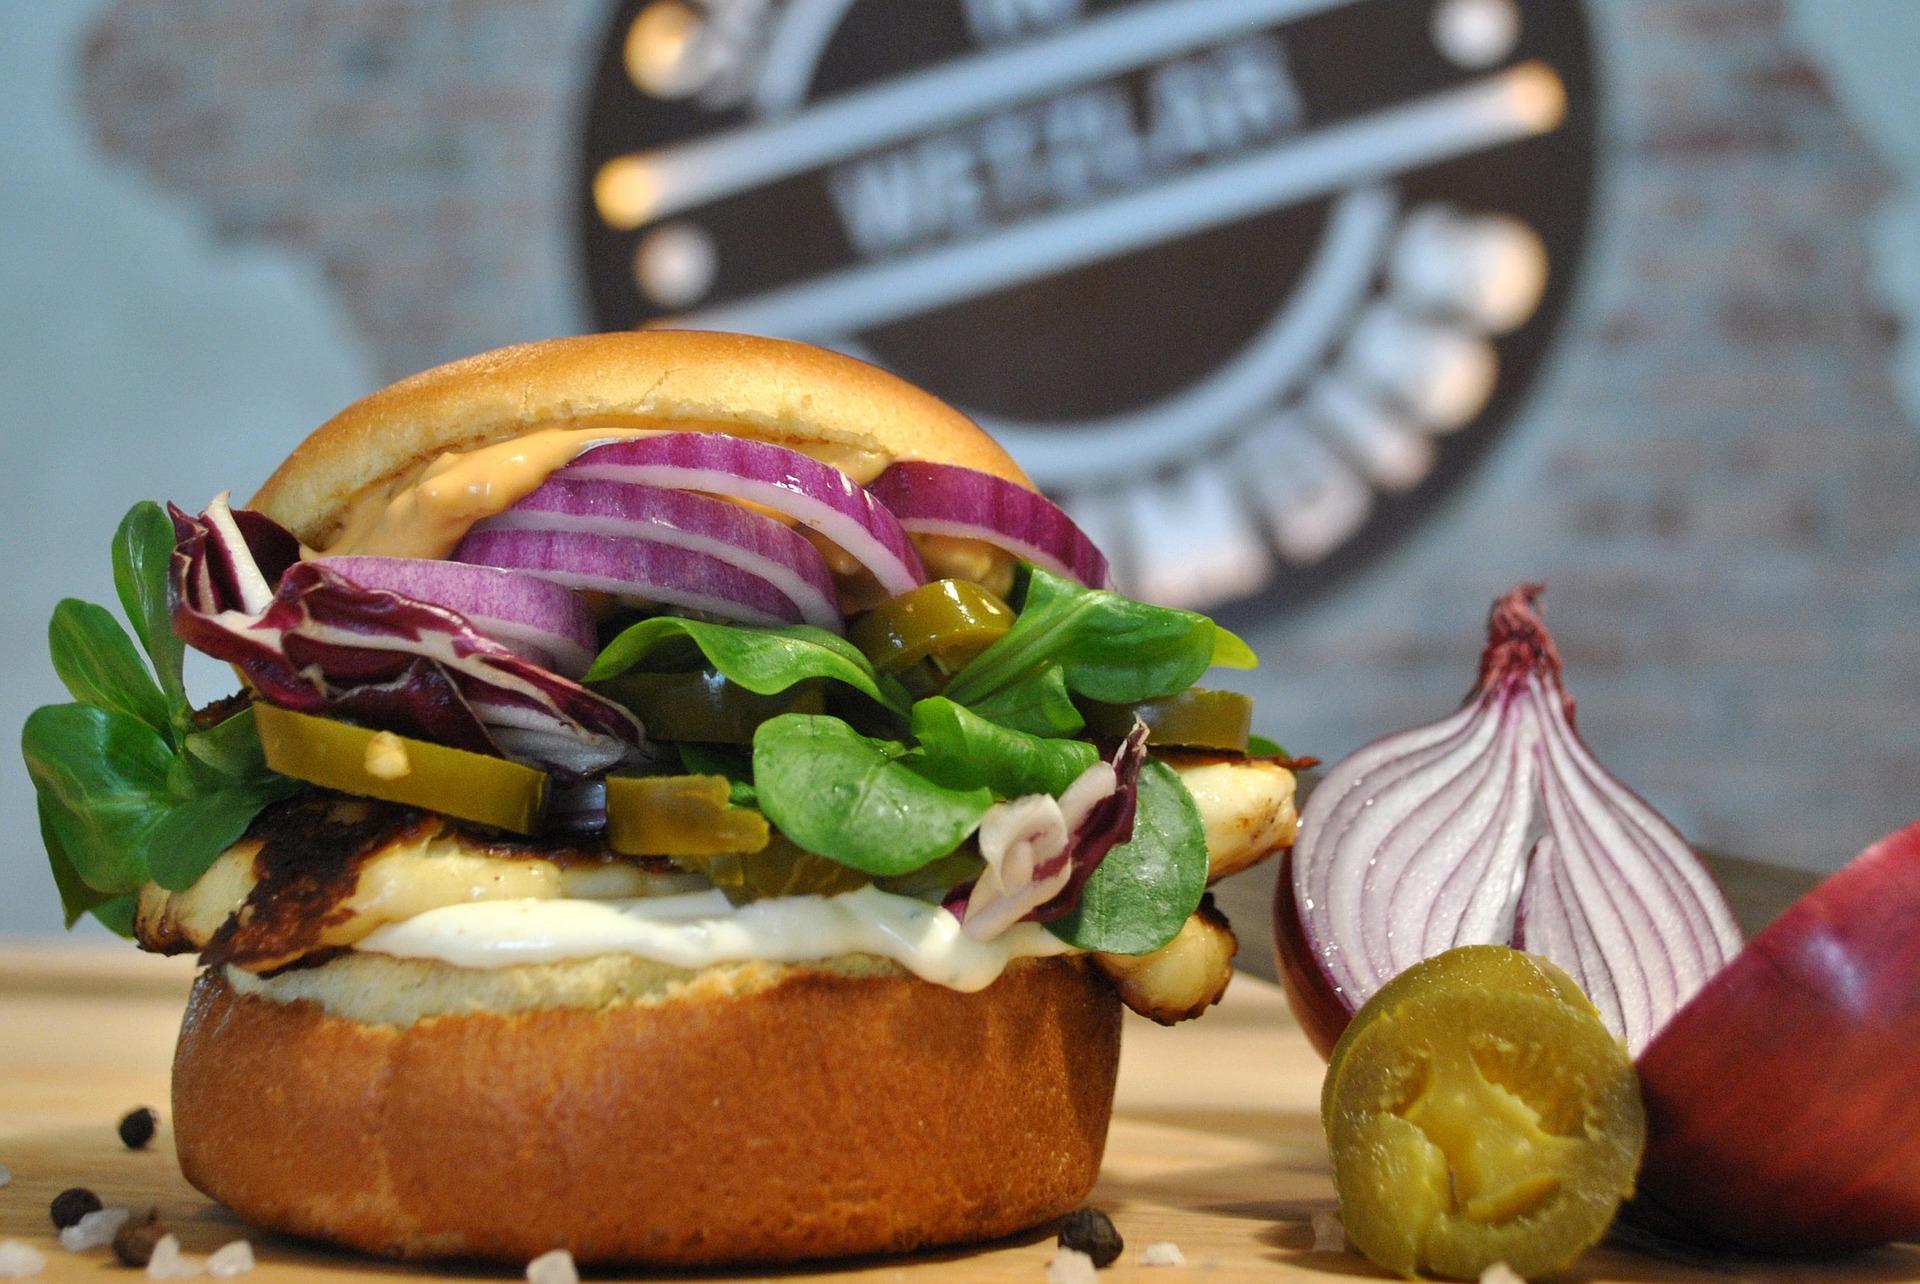 burger-2011303_1920